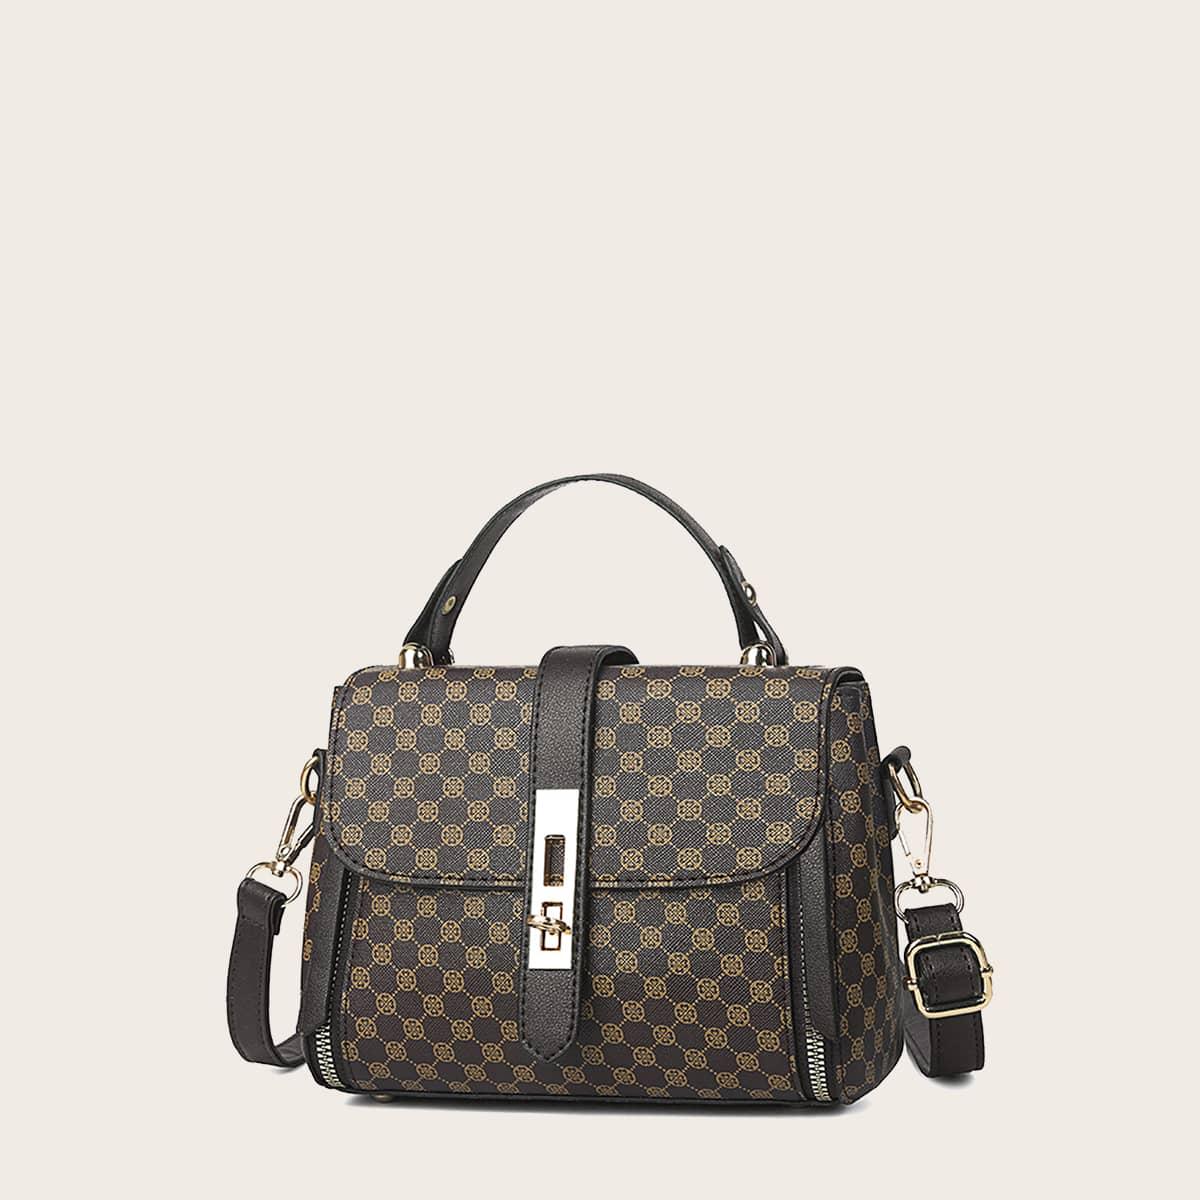 SHEIN / Twist Lock Graphic Satchel Bag